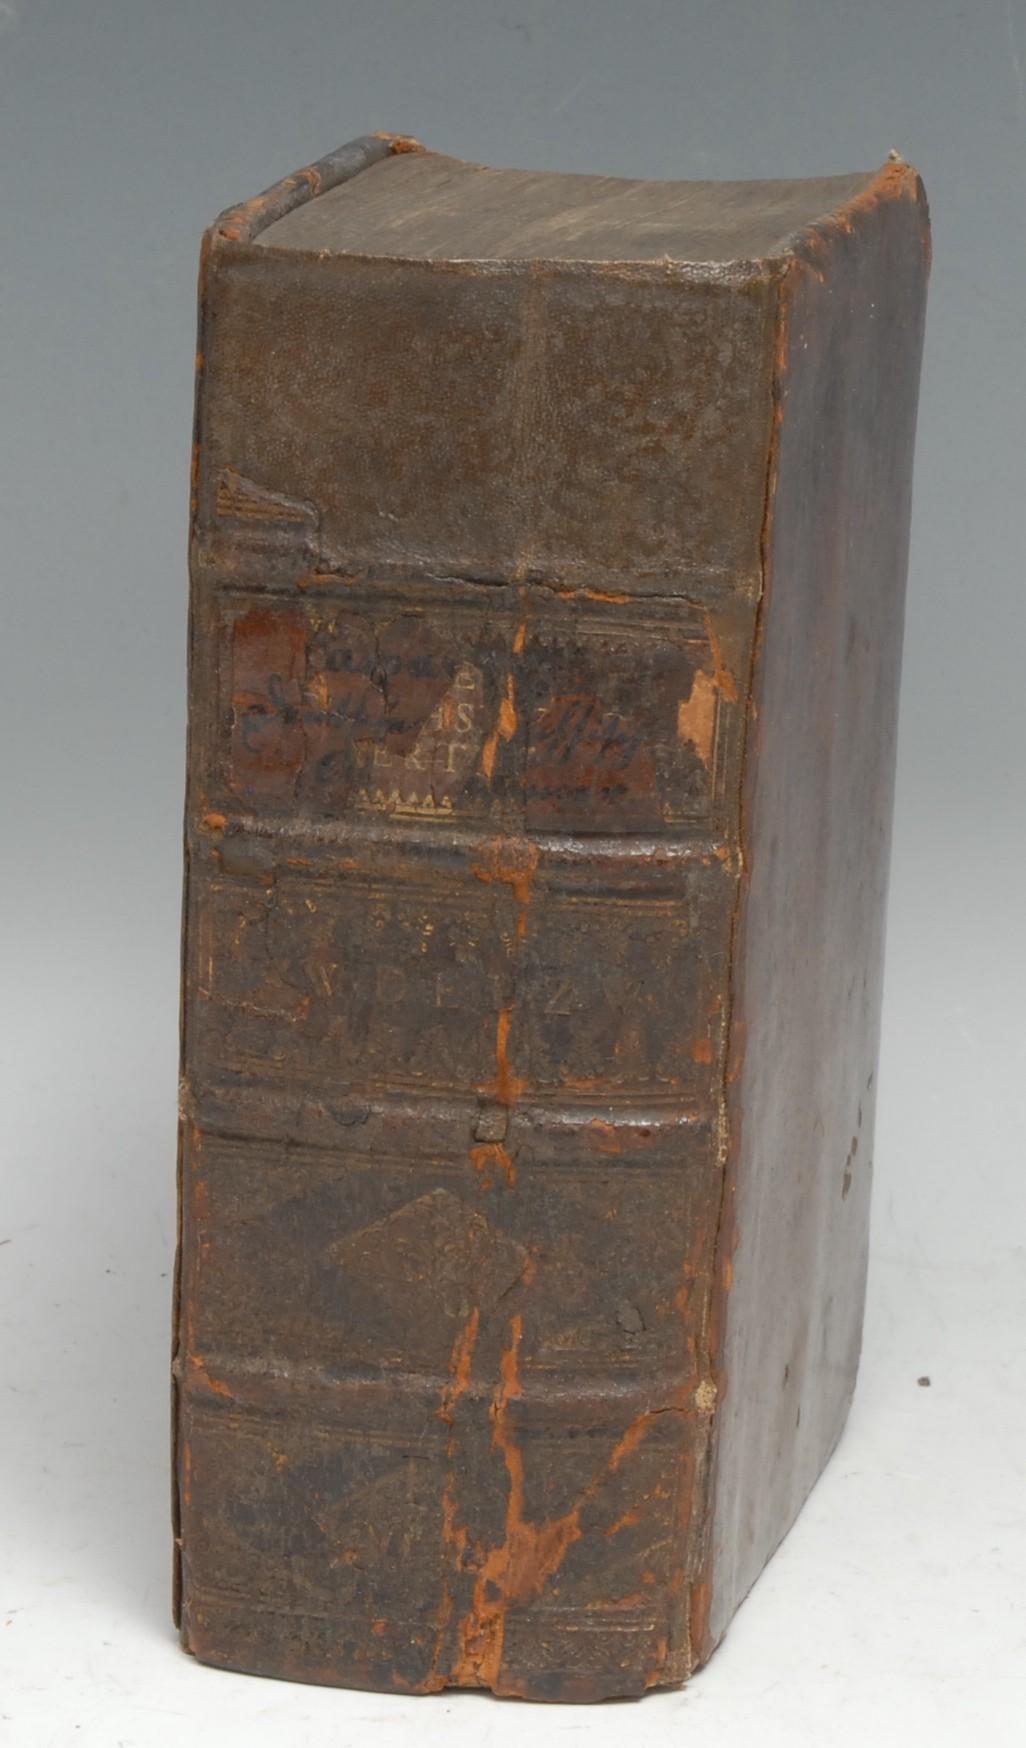 Germany, Saxony, History and Antiquities - Abel (Caspar), Teutsche und Sächsische Alterthümer [...],